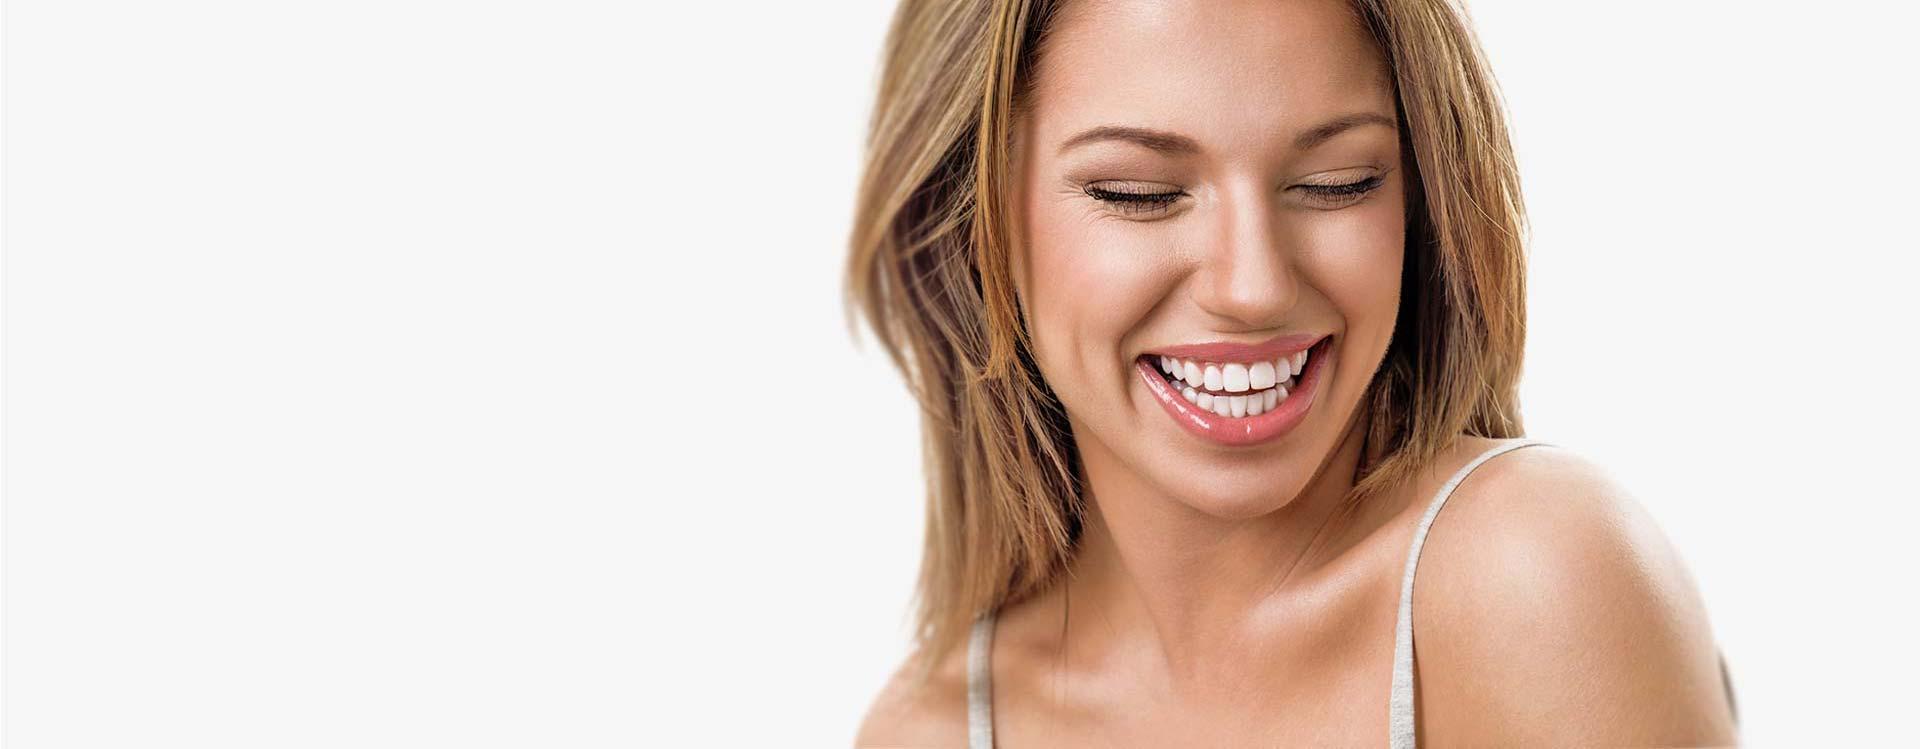 Voor de perfecte lach!